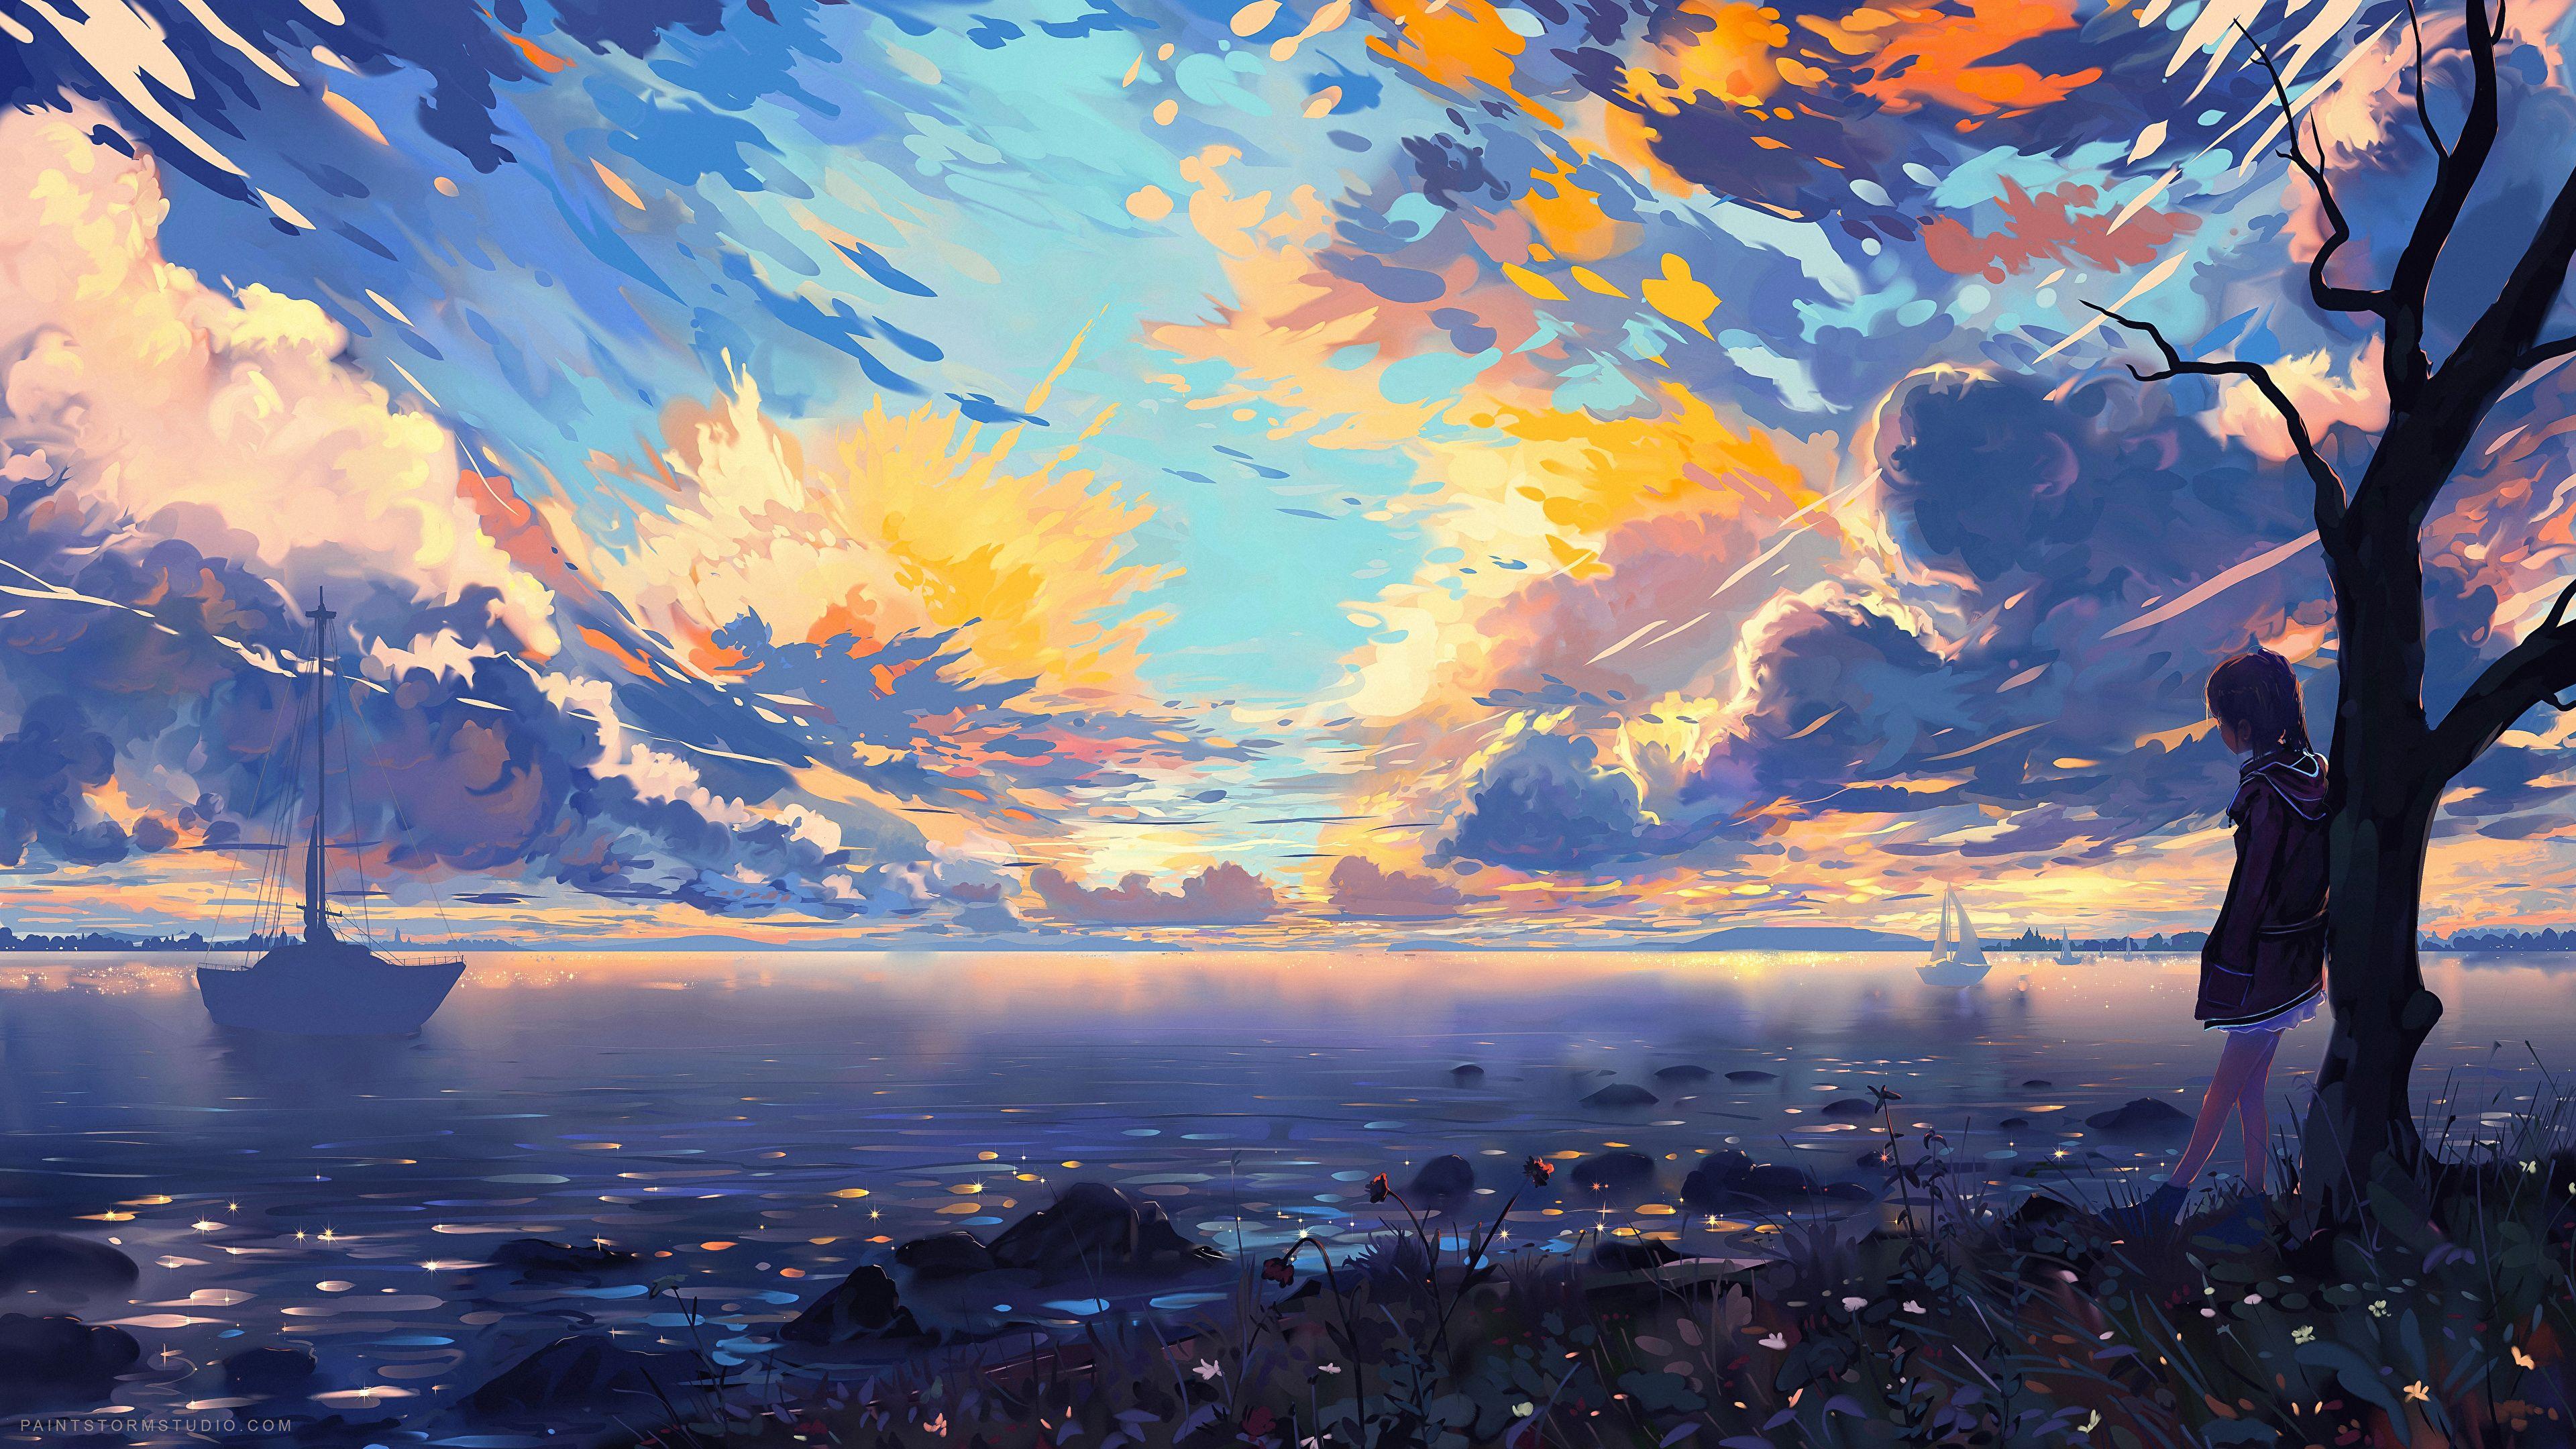 Image Result For 3840 X 2160 Anime Landscape Wallpaper Anime Scenery Wallpaper Scenery Wallpaper